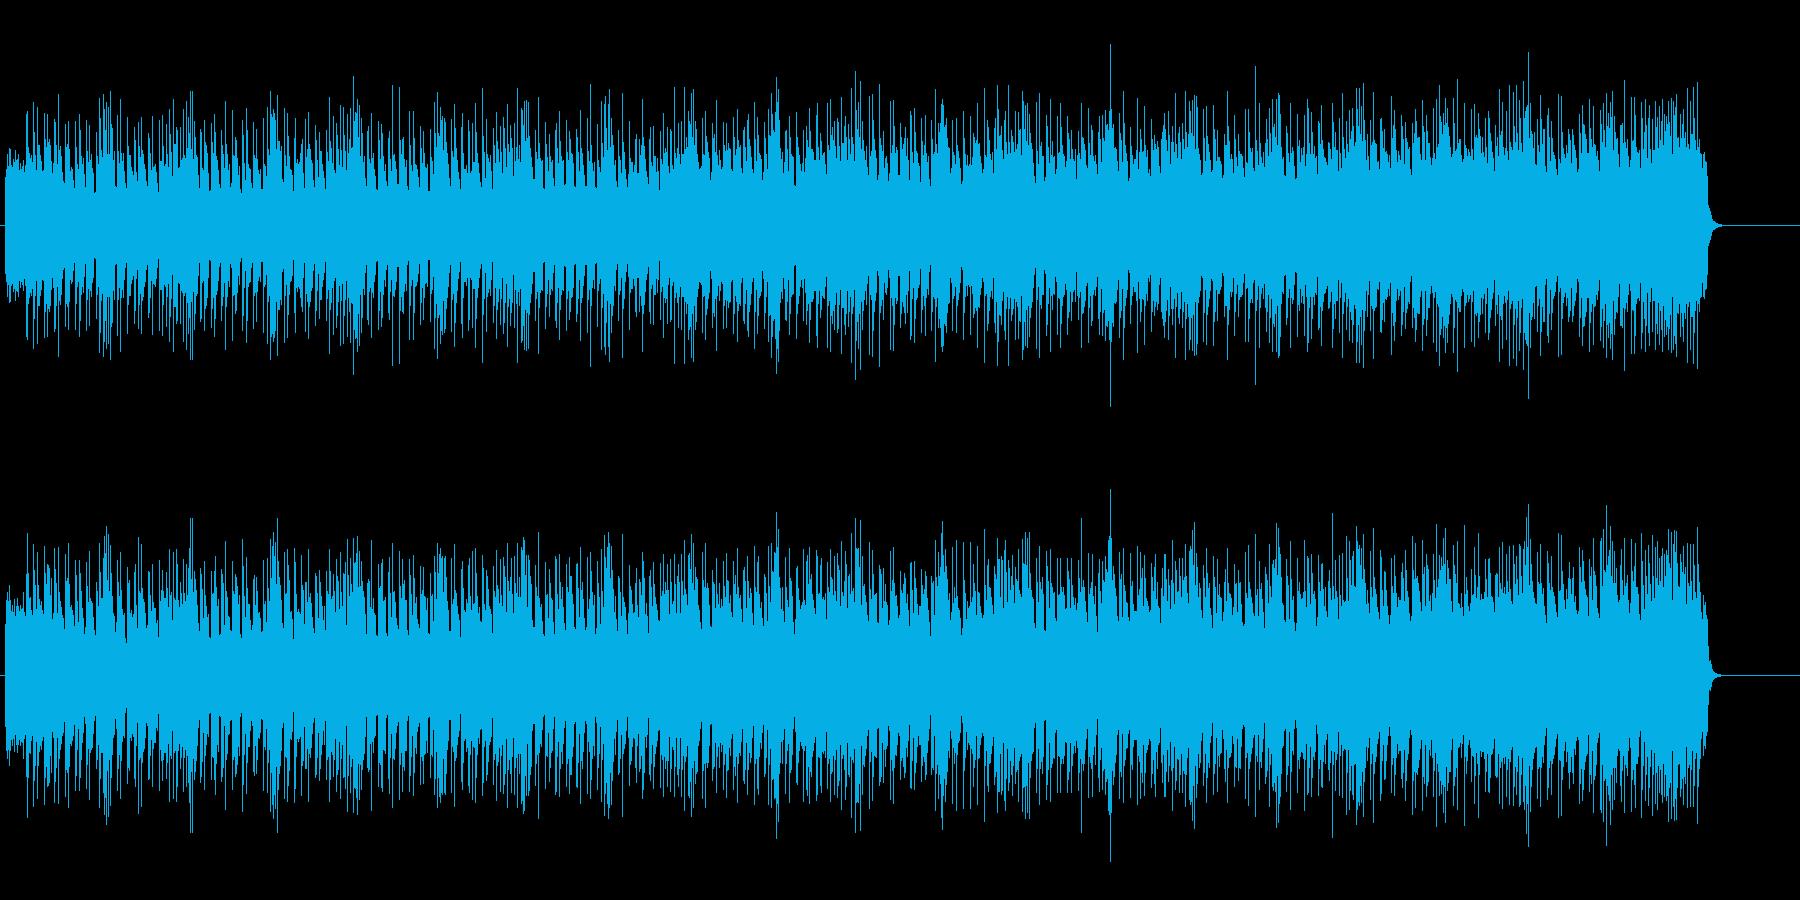 重たく暗いヘヴィーなギター・サウンドの再生済みの波形